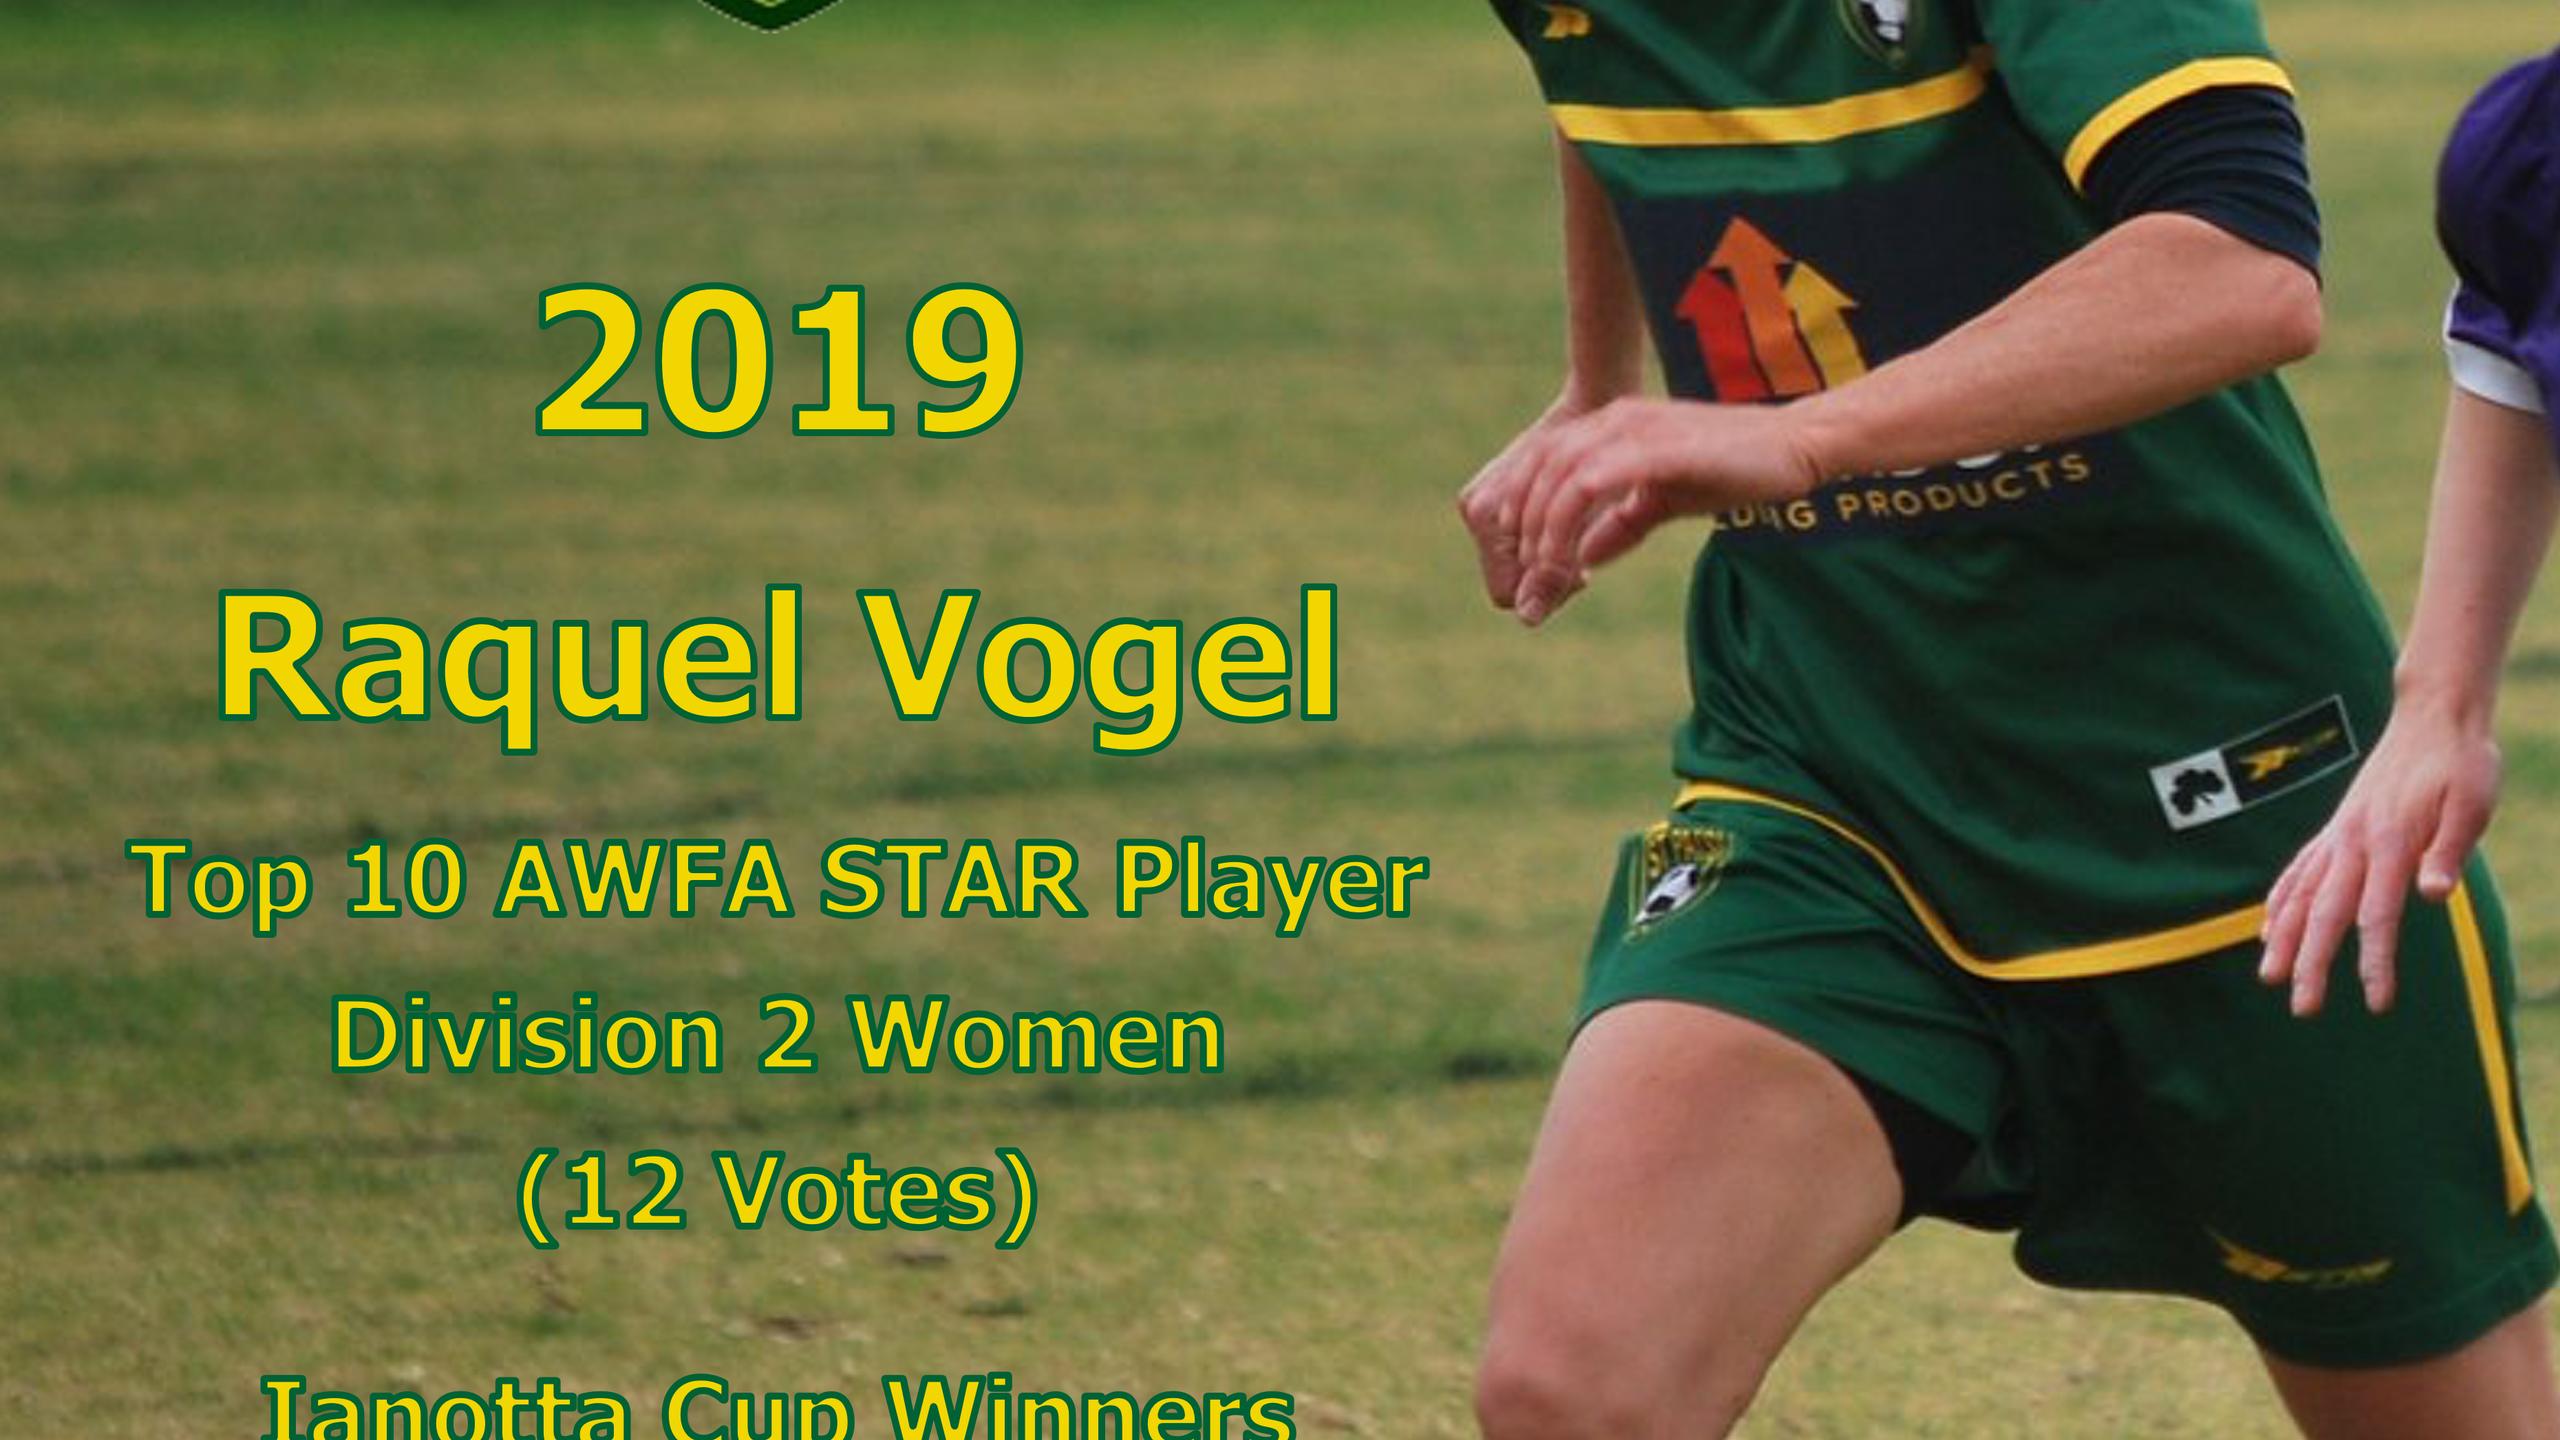 Raquel Vogel